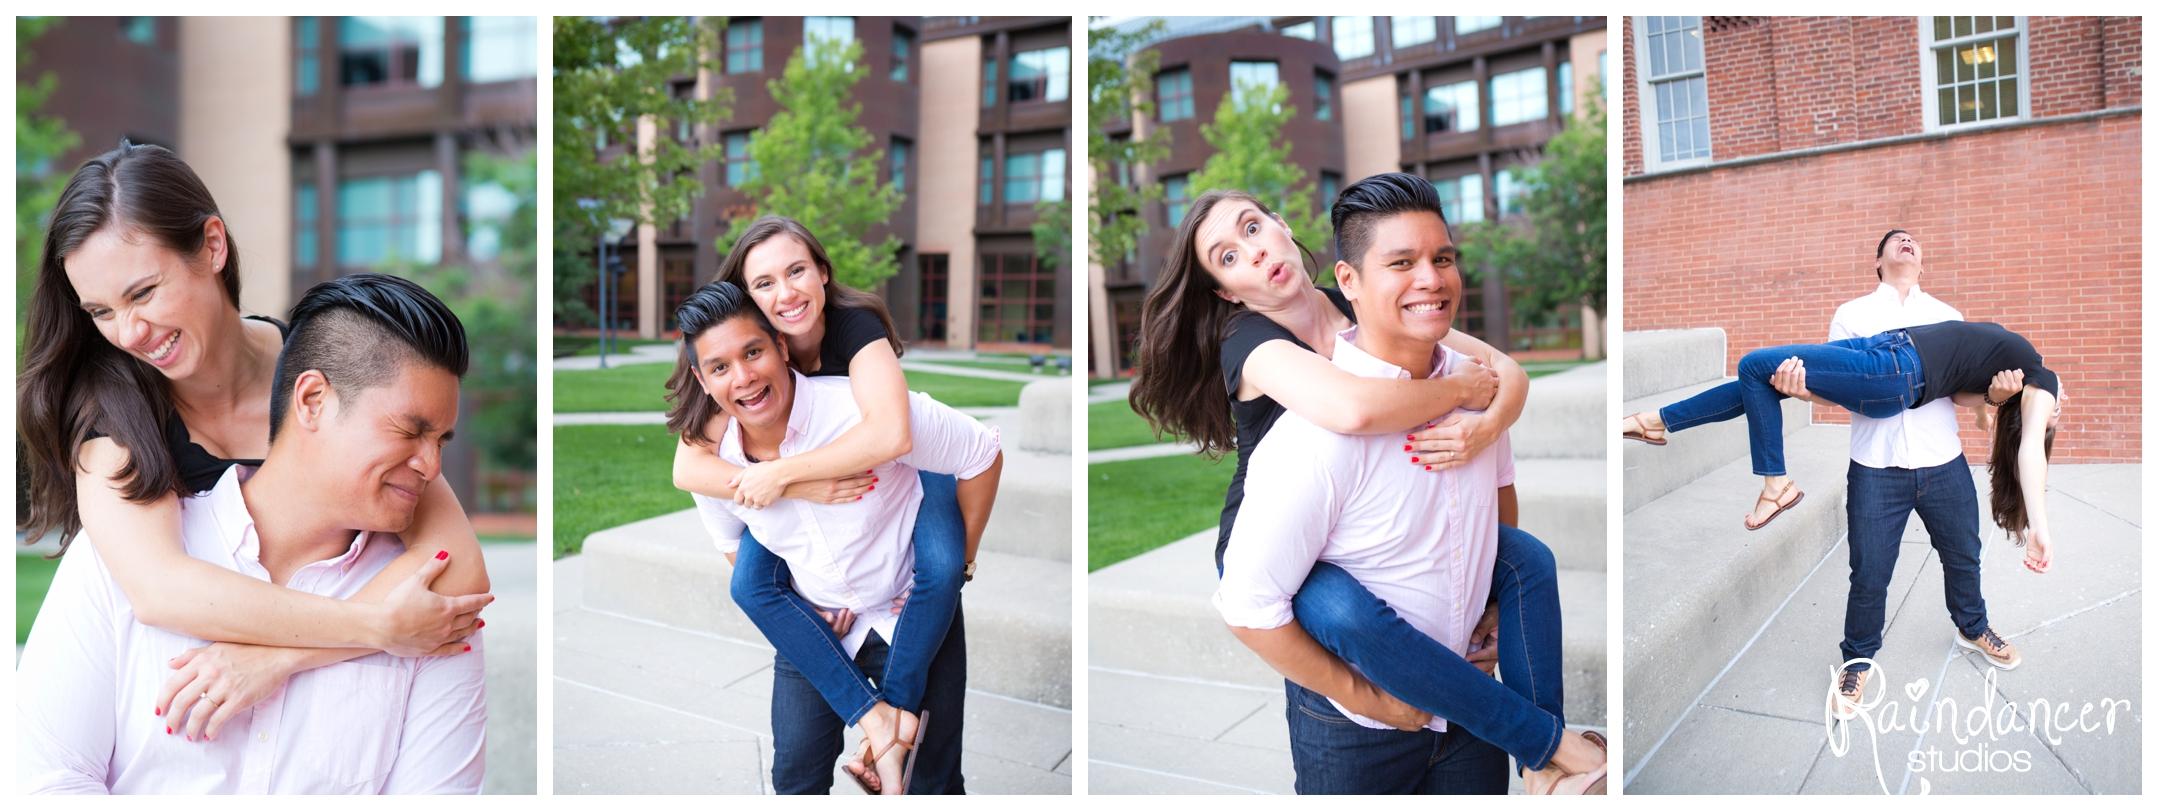 Indianapolis Engagement Photographer, Indianapolis Couples Photographer, Indianapolis Engagement Photography, Indianapolis Wedding Photographer